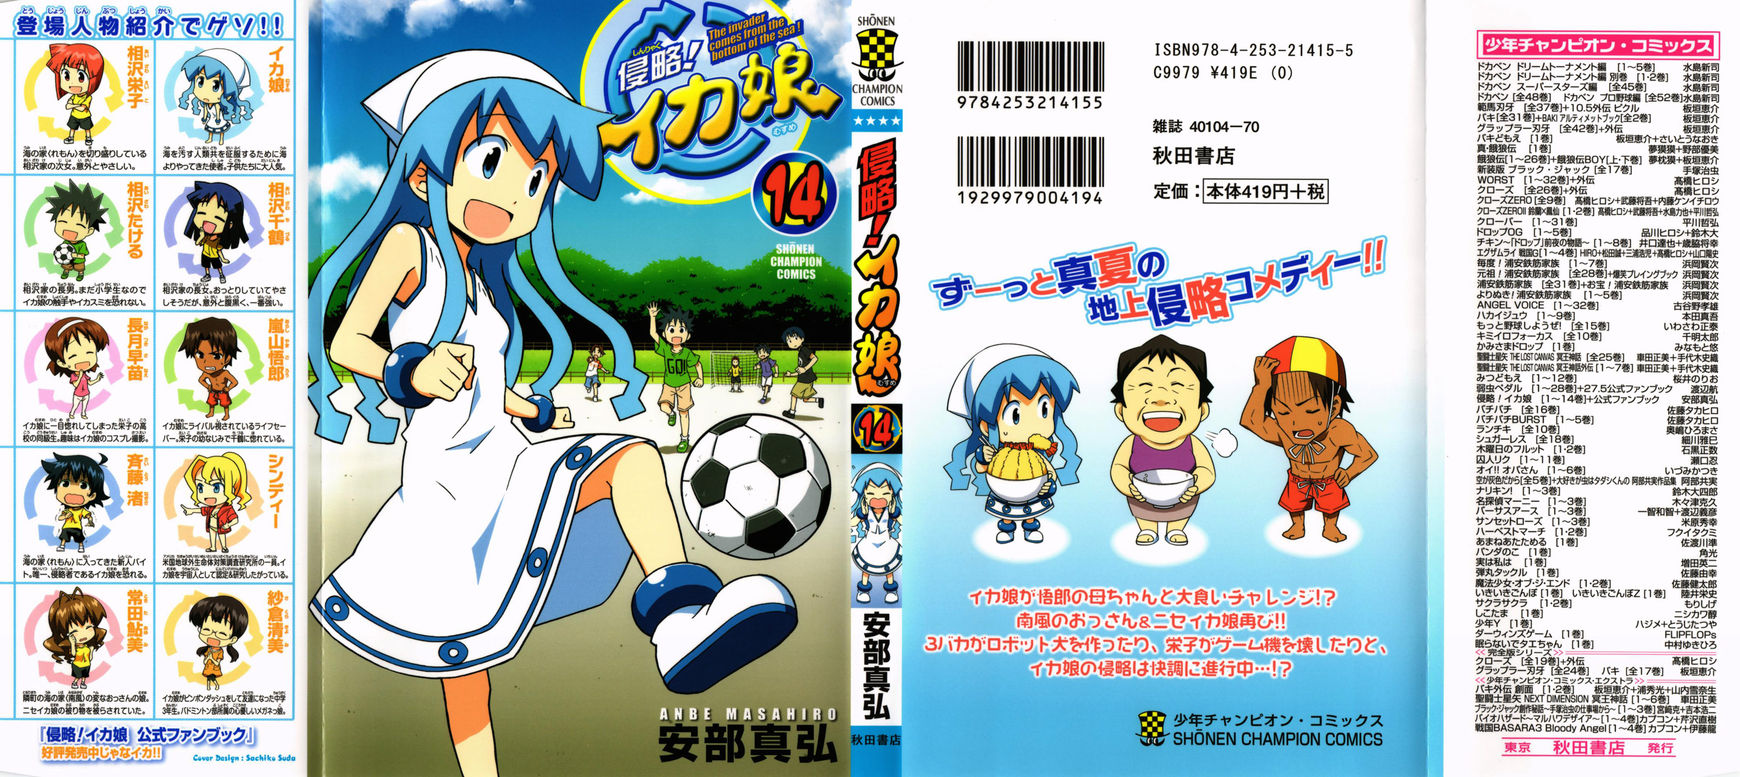 Shinryaku! Ika Musume 248 Page 2